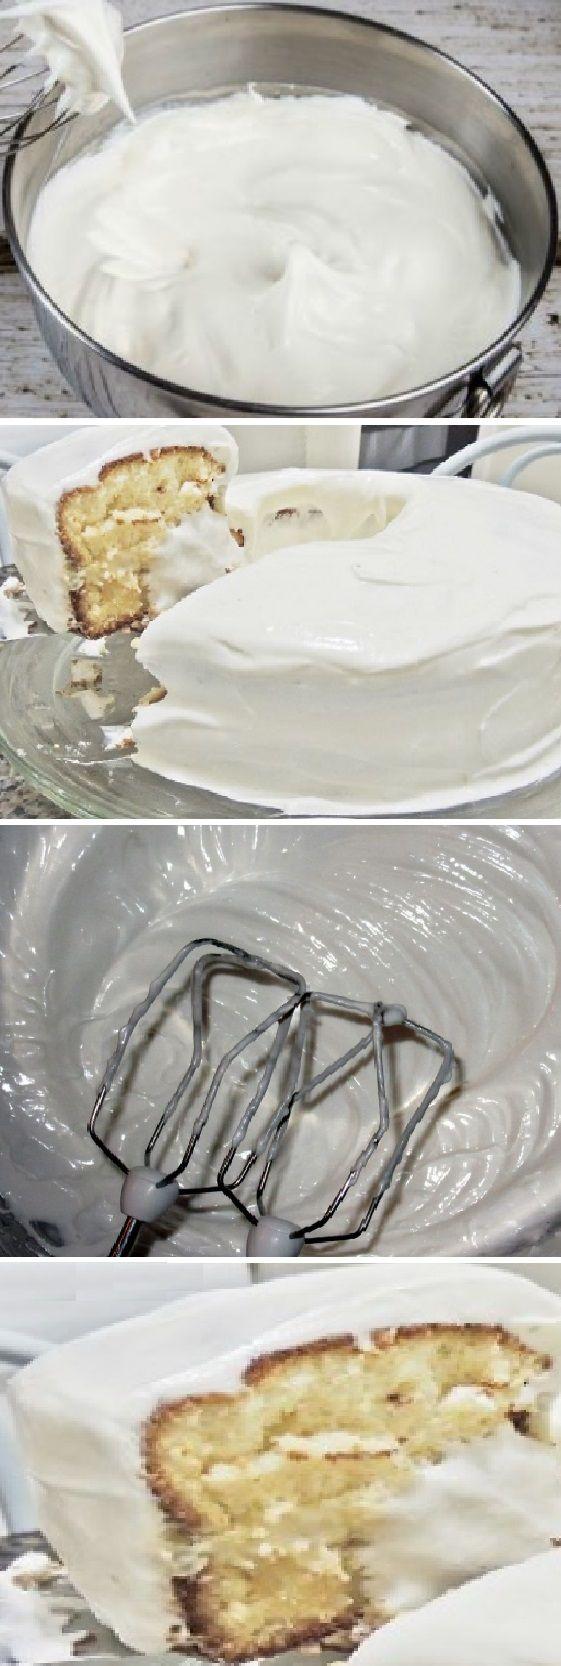 """Como hacer GLASE real para Decoración de Tortas """" SUPER BLANCO""""  #cremas #rellenos #glase #glasa #glaseado #glasereal #crema #cobertura #comohacer #receta #recipe #casero #torta #tartas #pastel #nestlecocina #bizcocho #bizcochuelo #tasty #cocina #chocolate   Si te gusta dinos HOLA y dale a Me Gusta MIREN…"""